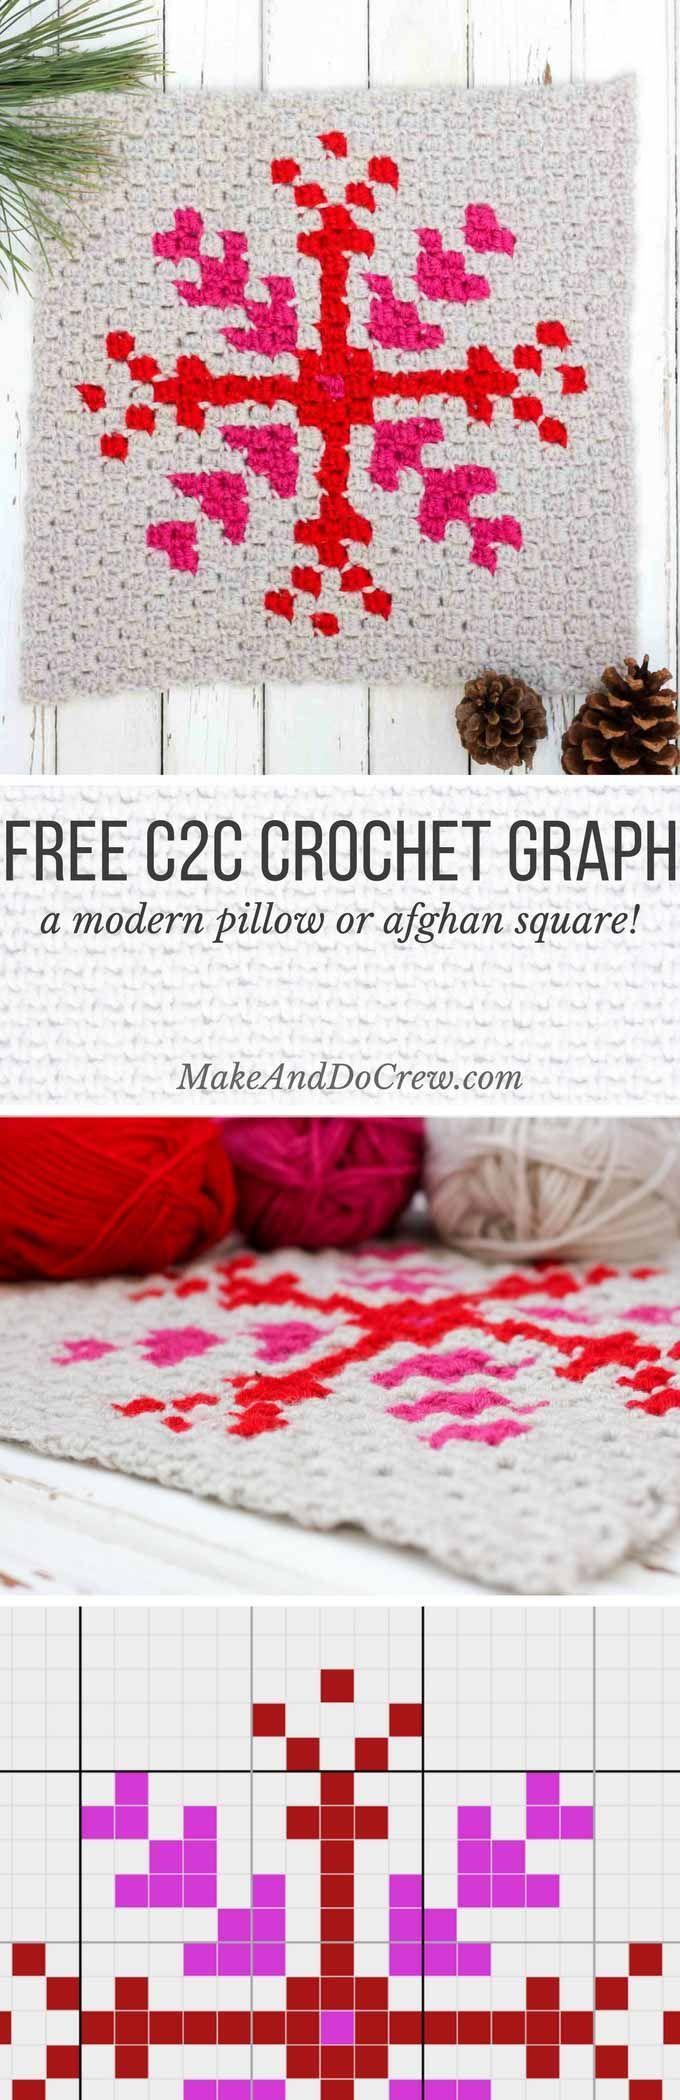 121 best C2C Crochet images on Pinterest   Crochet blankets, Crochet ...